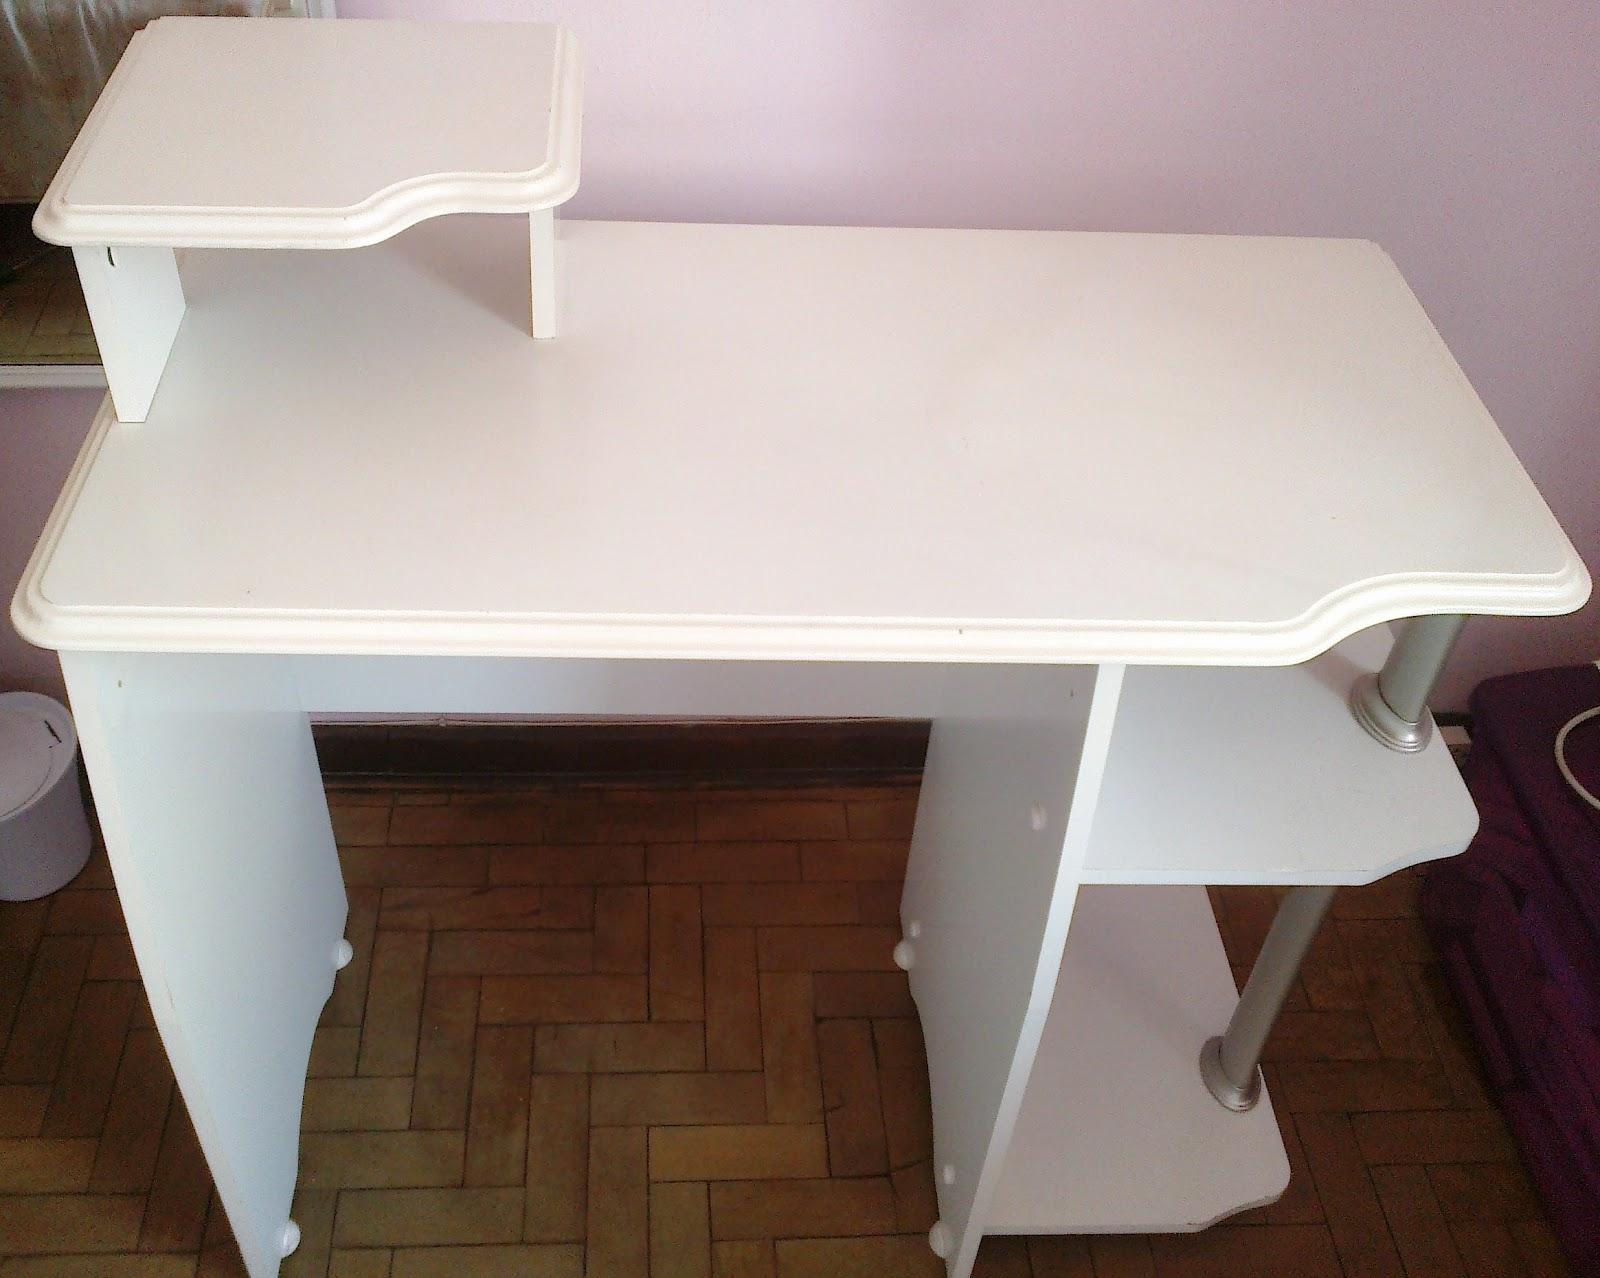 : Restaurando meu móvel: escrivaninha que virou penteadeira #3A2418 1600x1278